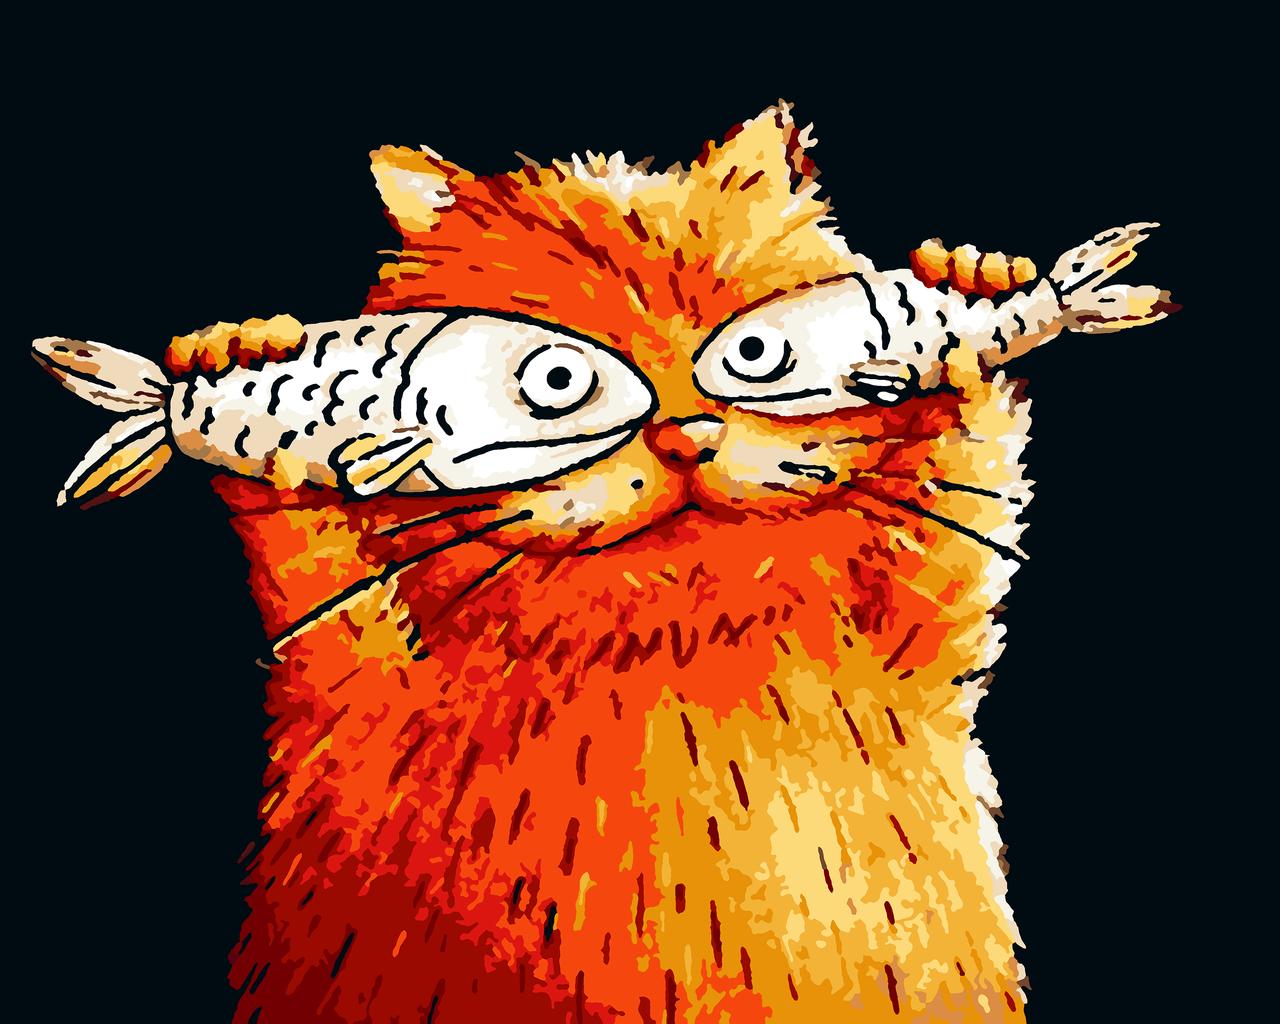 Картини за номерами тварини кіт 40х50 Котячий Перфоманс